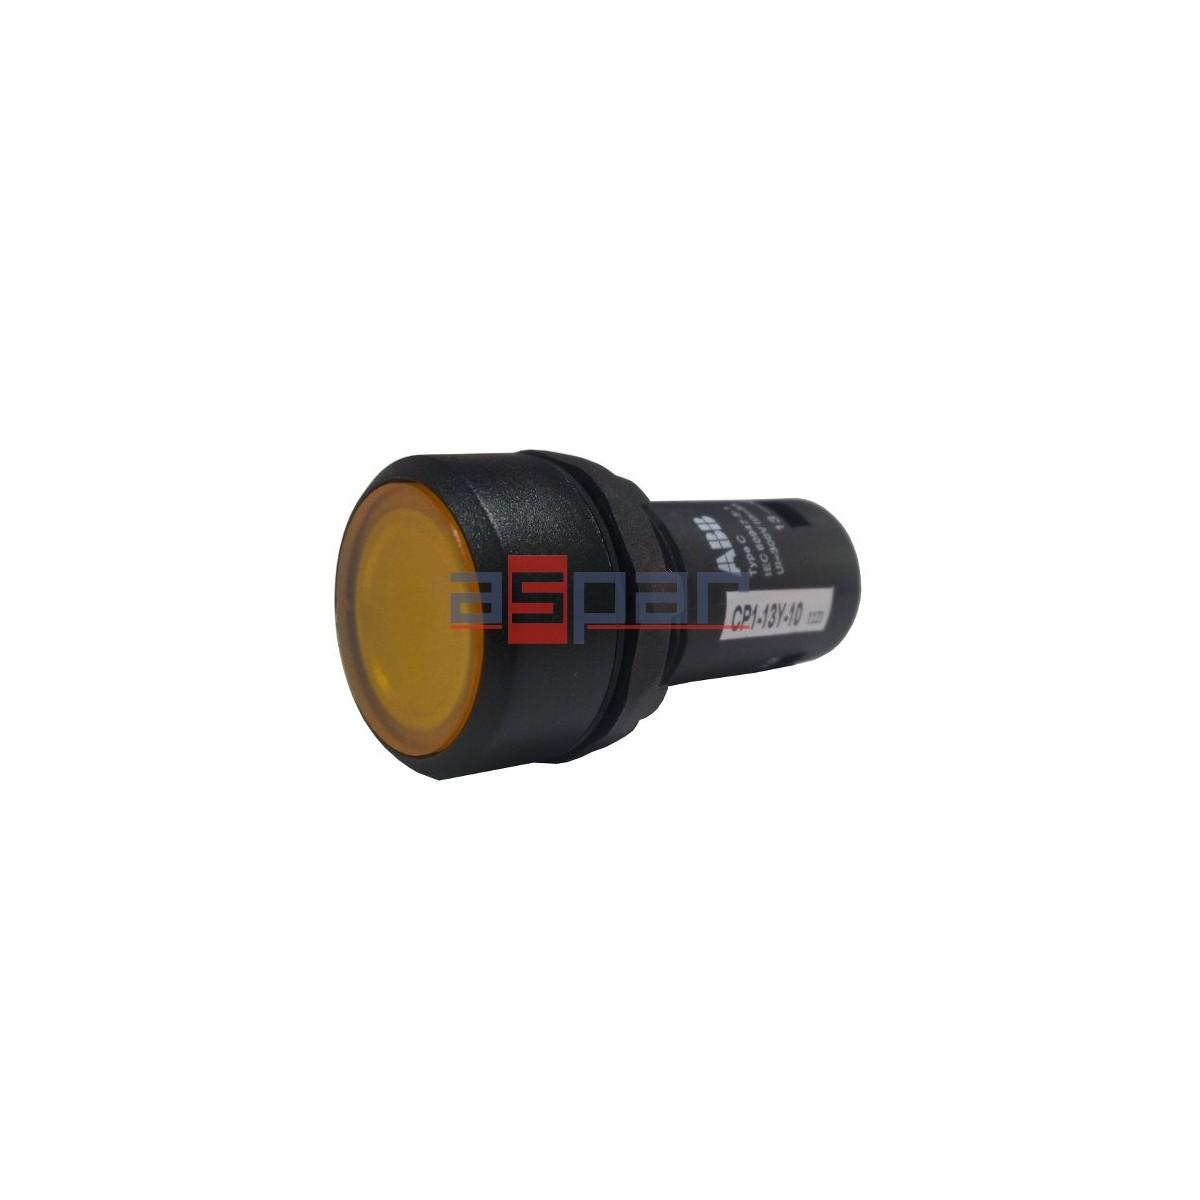 Przycisk podświetlany CP1-13Y-10, 230V AC/DC